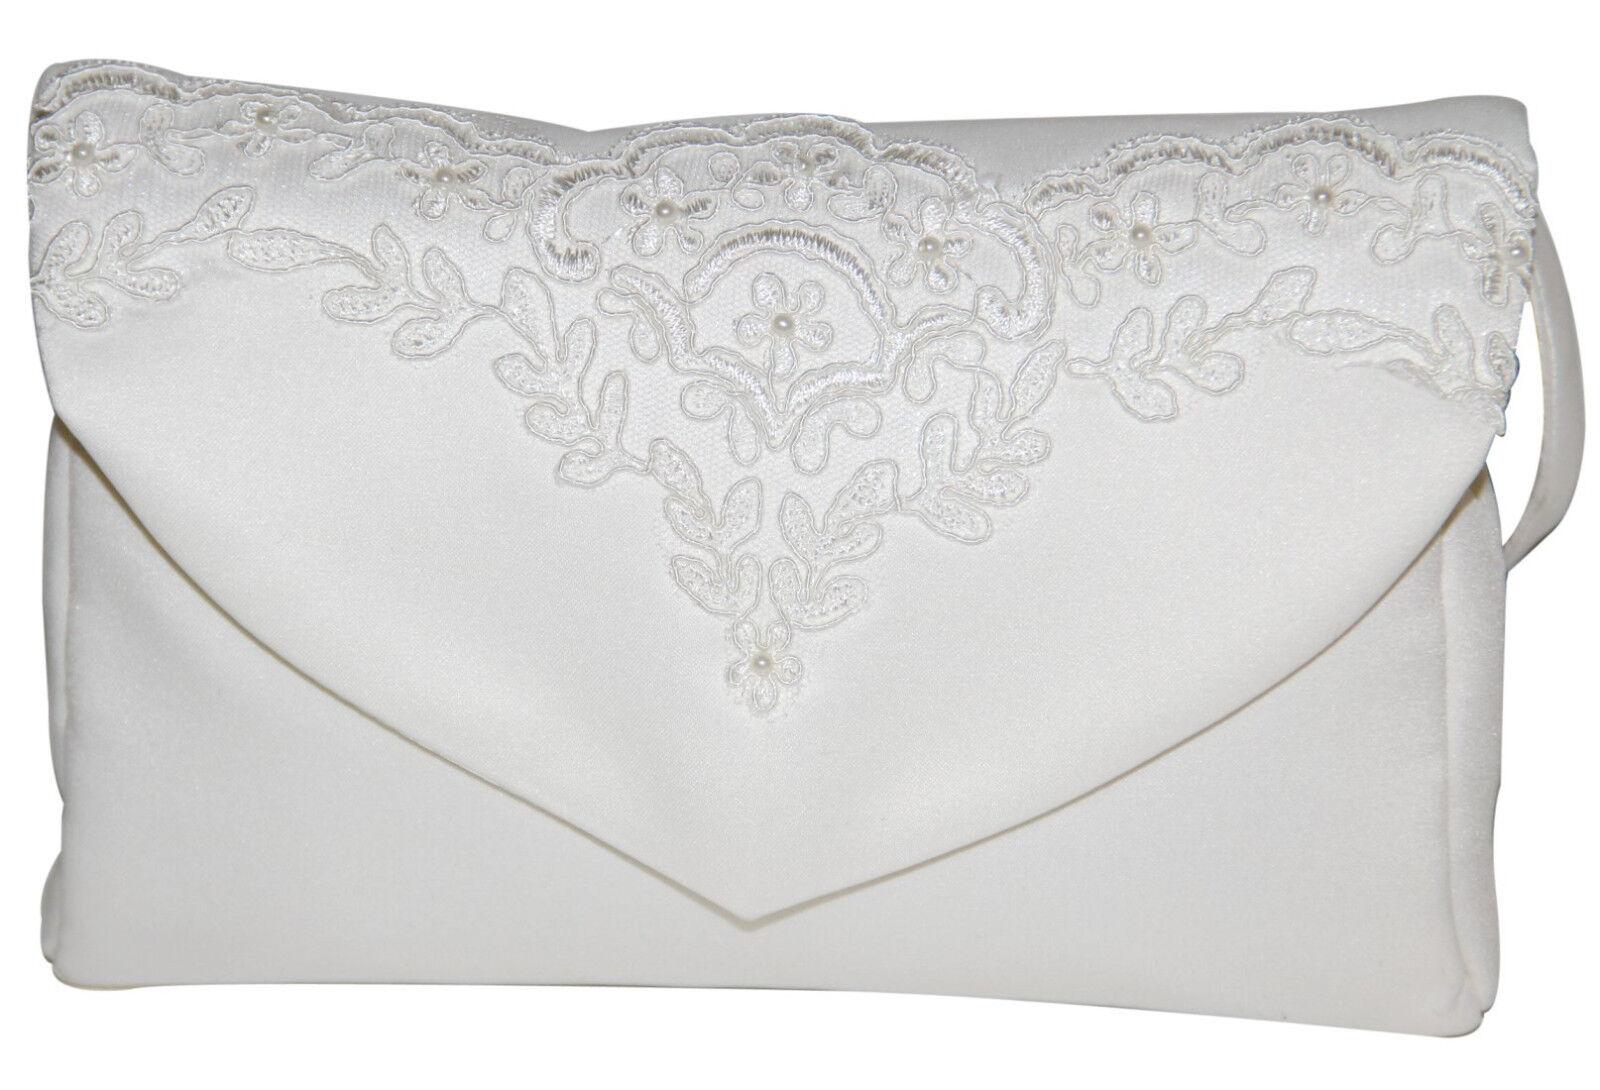 HBH Brautmoden Brauthandtasche aus Satin mit Spitze,Farbe: Ivory, Weiss,Schwarz